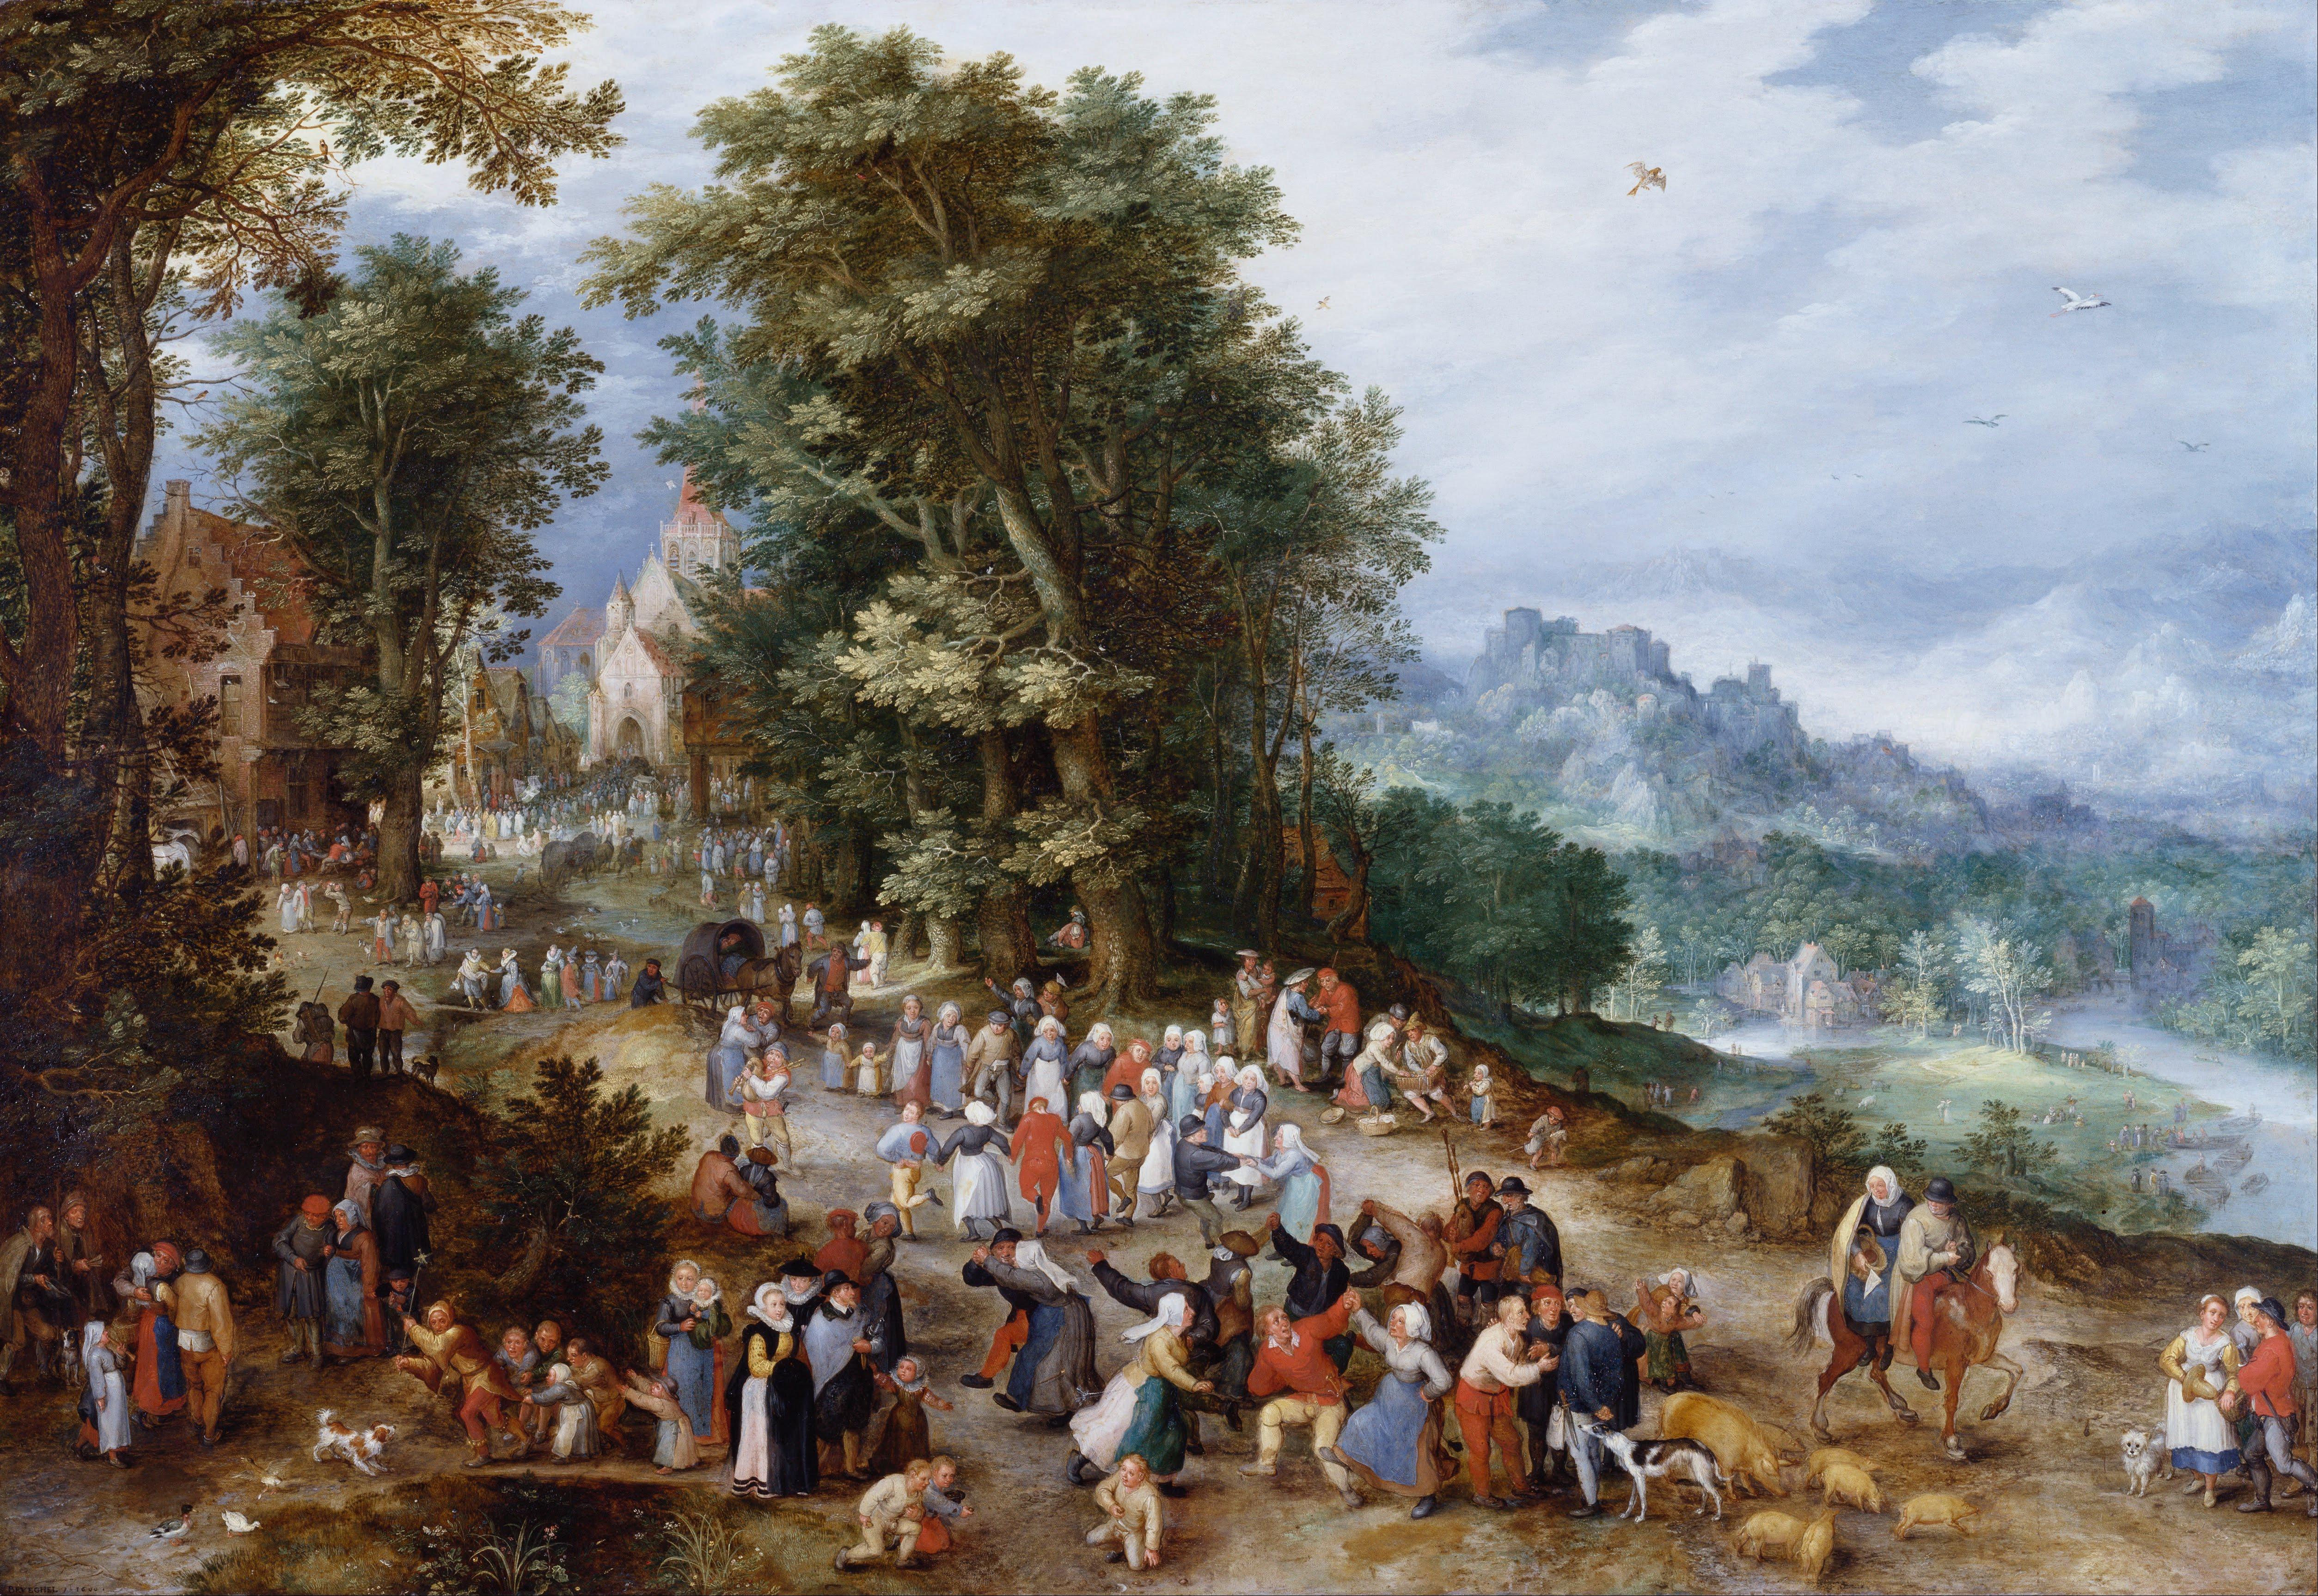 Pieter Bruegel, the Elder